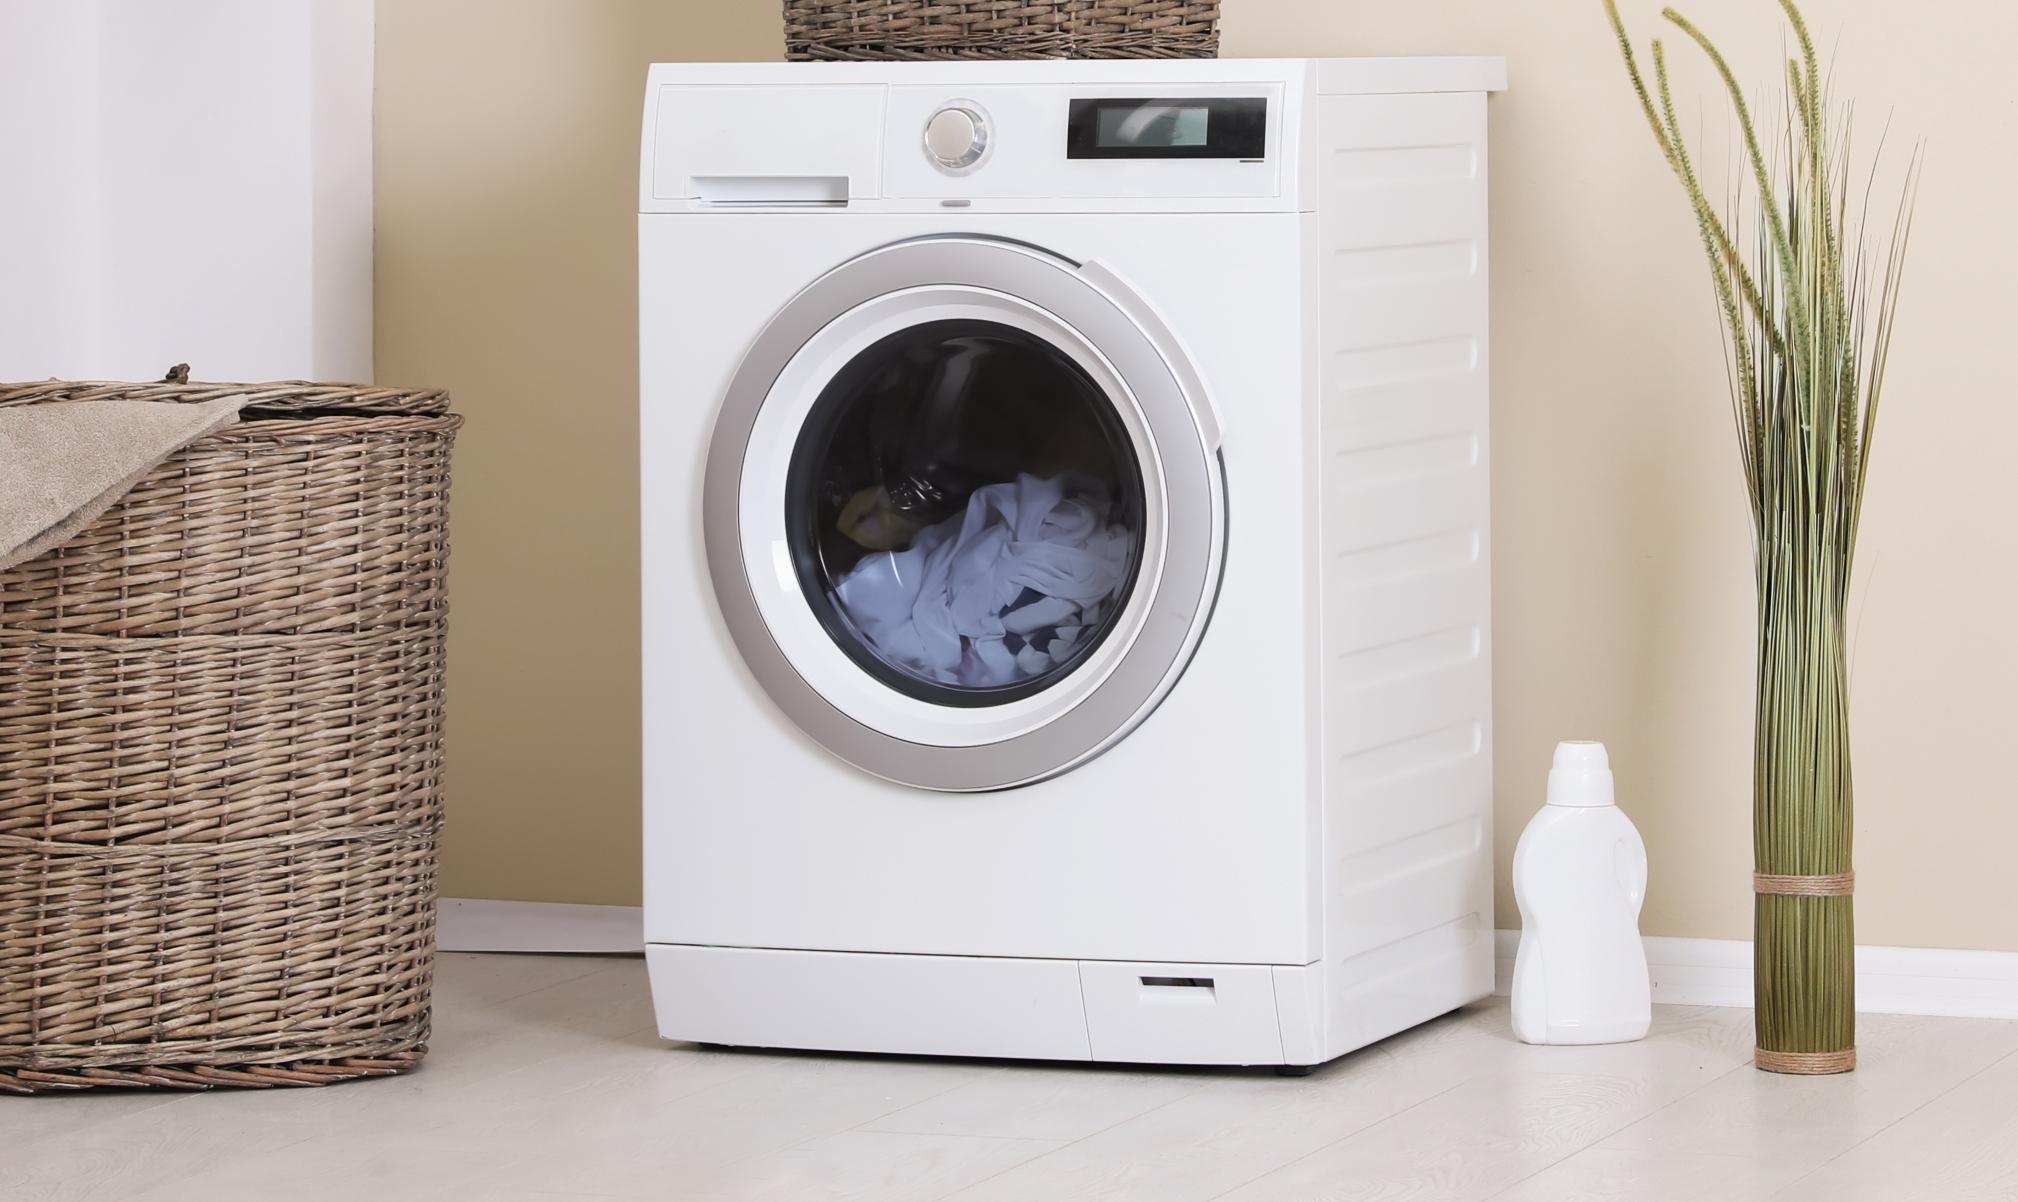 Secadoras de ropa: ¿Cuál es la mejor del 2020?